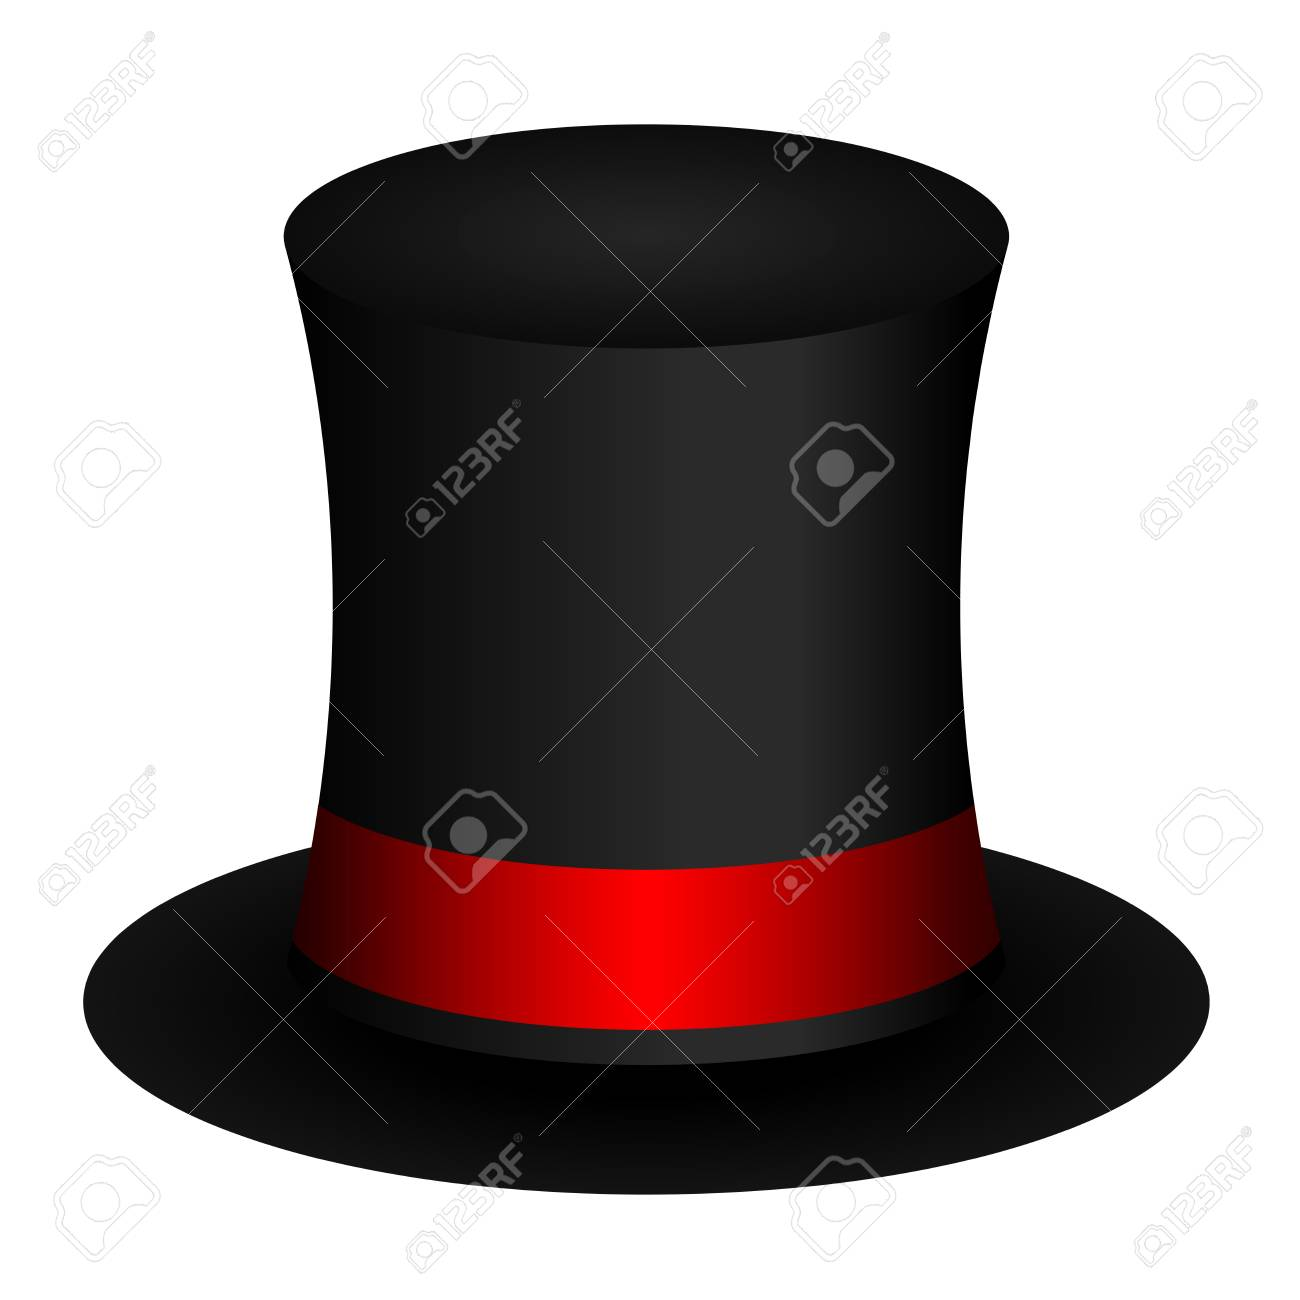 6f20f68d93f Ilustración de sombrero mágico